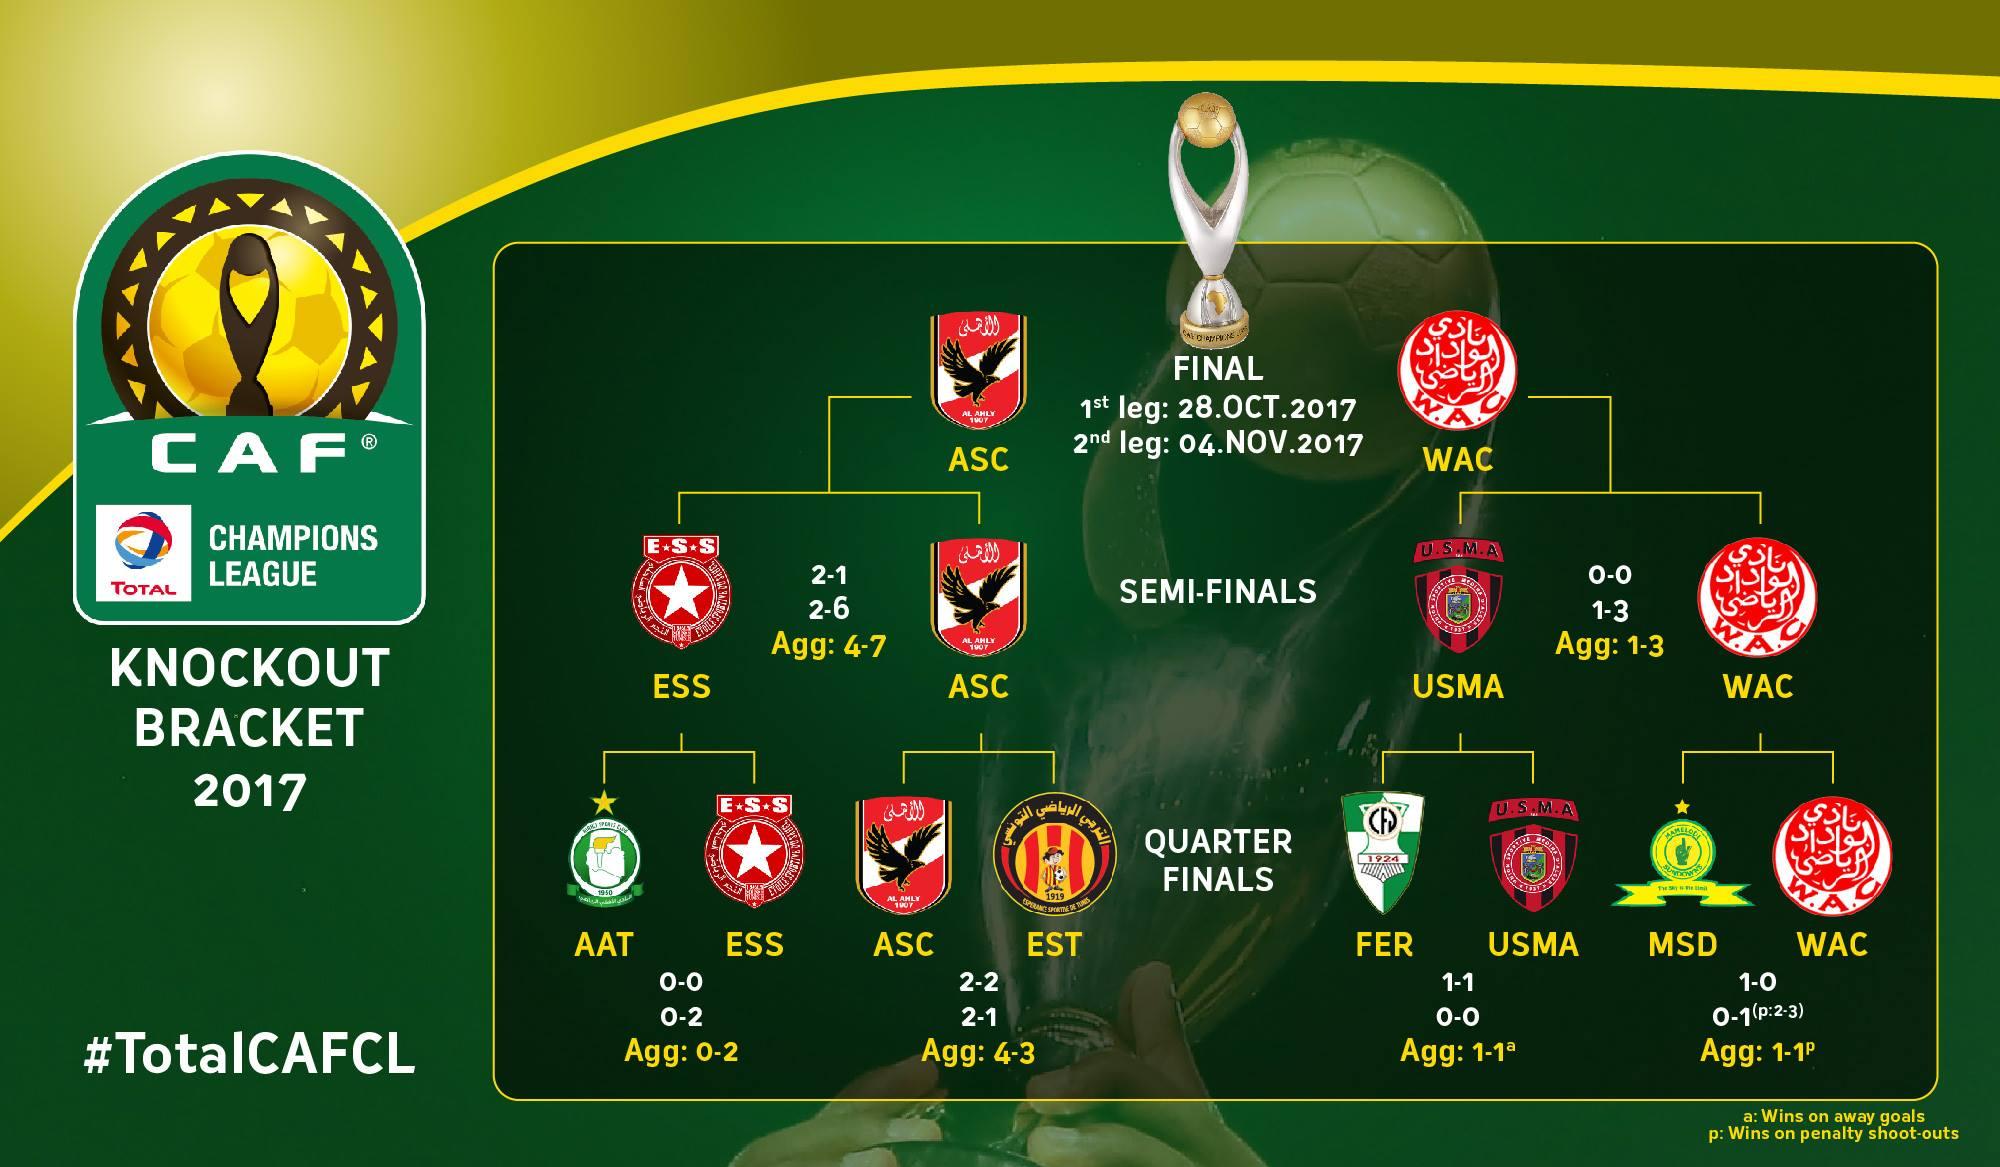 tableau finale LDC usma 2017